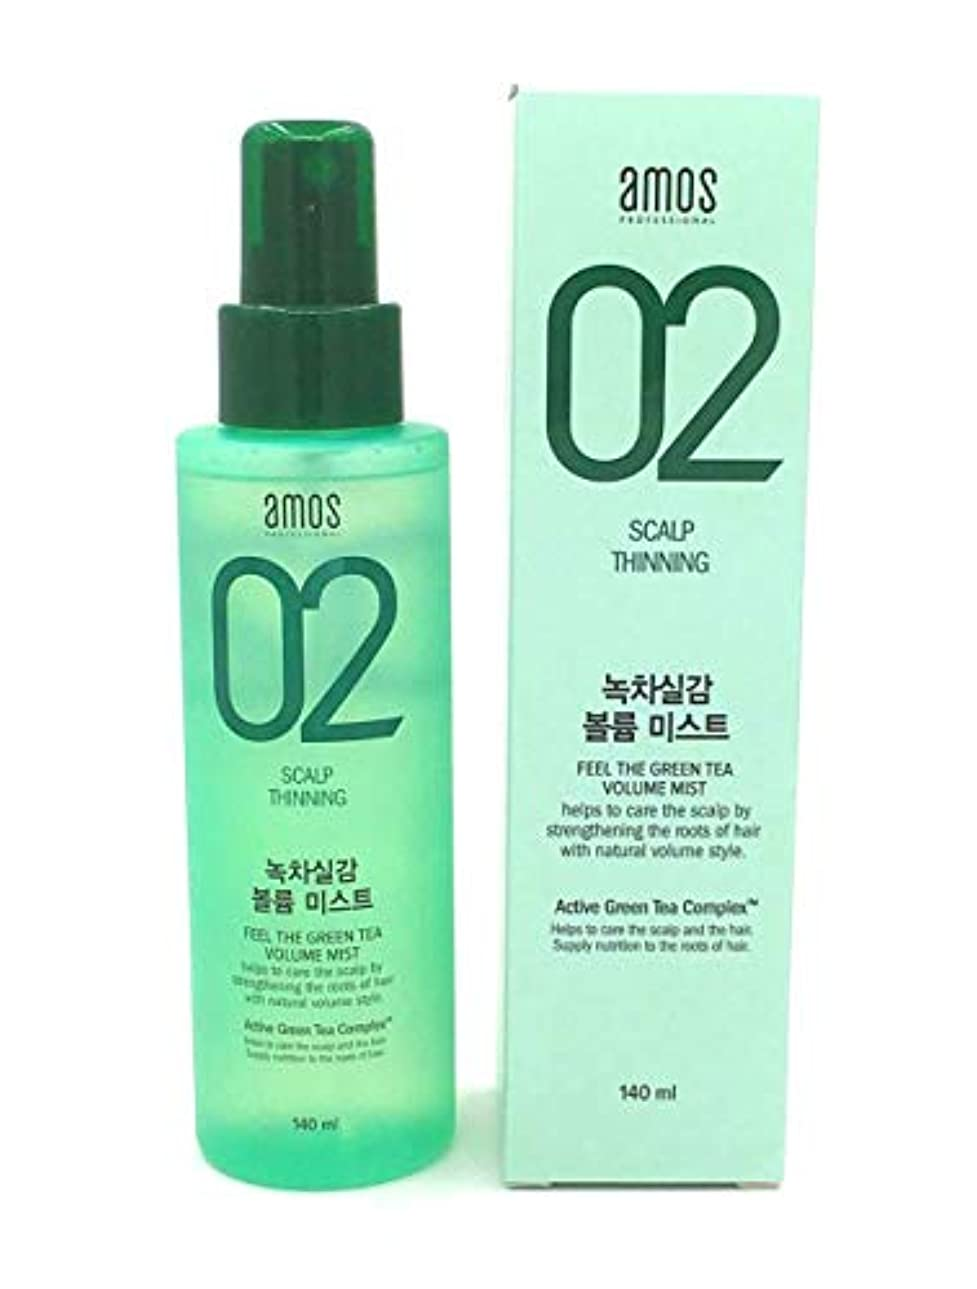 連結するディレクター提供する[Hi Korean Fashion] アモススカルプ02フィーリングザグリーンティーボリュームミスト140ml 抗脱毛治療 自然な髪を作り 健康な頭皮環境を作り